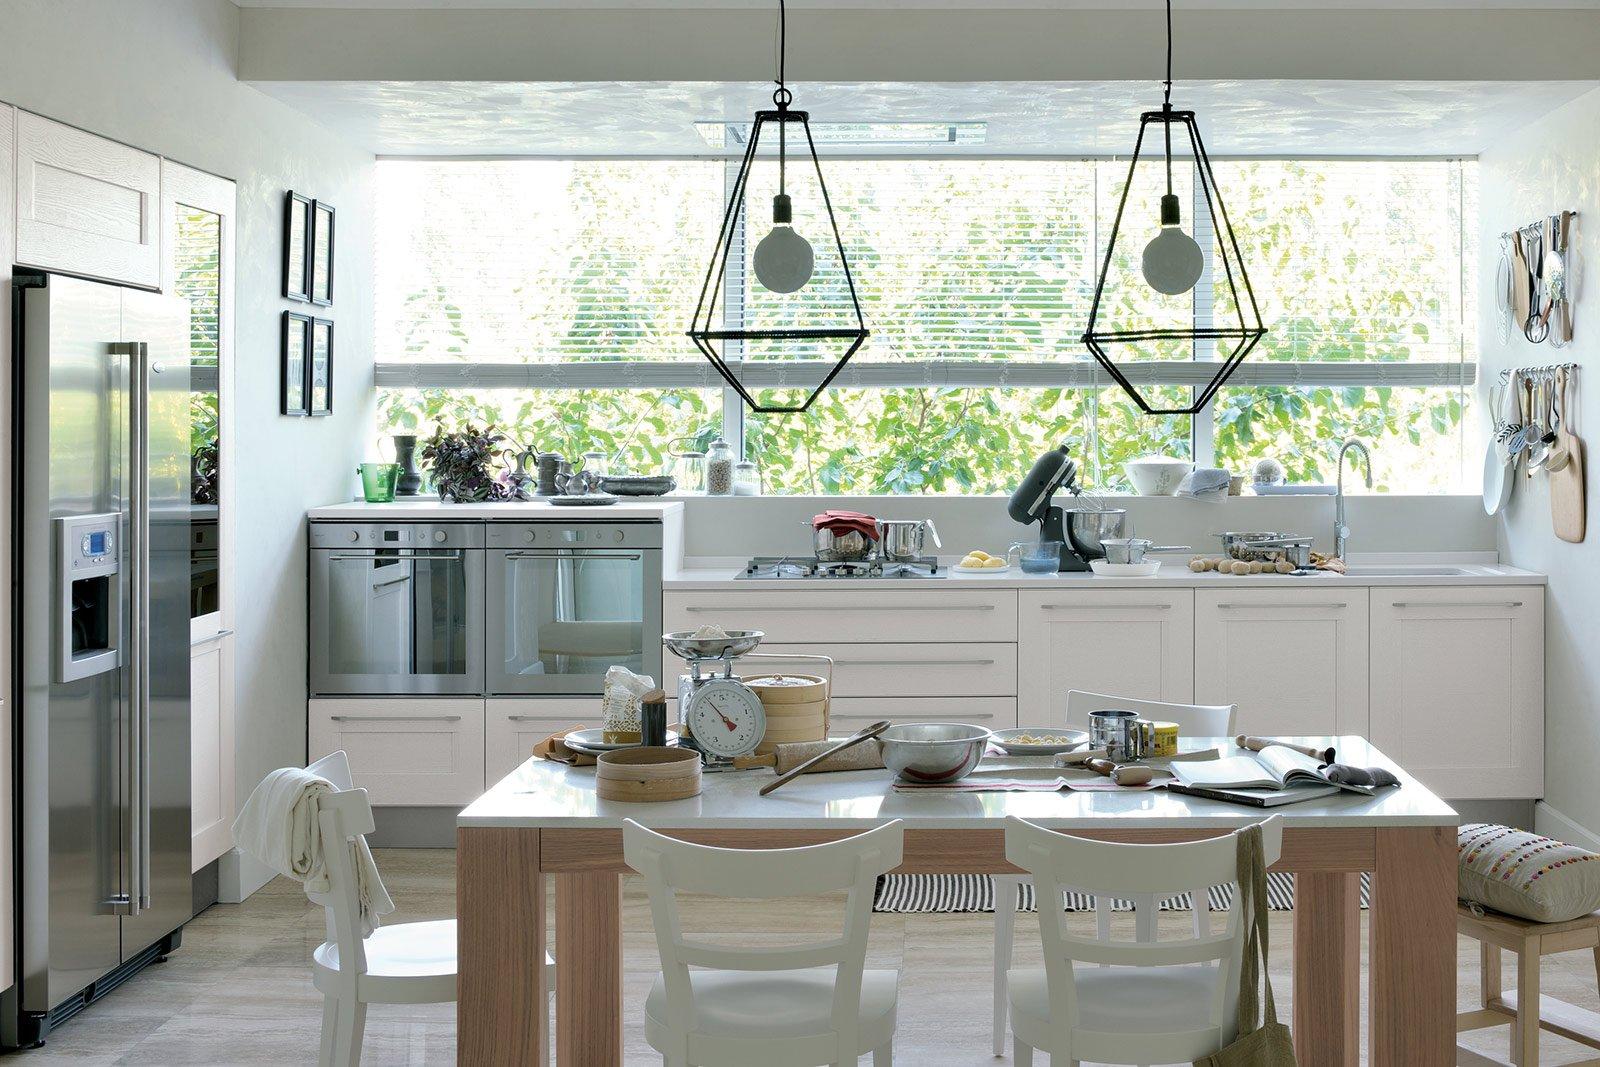 La nuova cucina country new classic cose di casa - Cucine senza pensili sopra ...